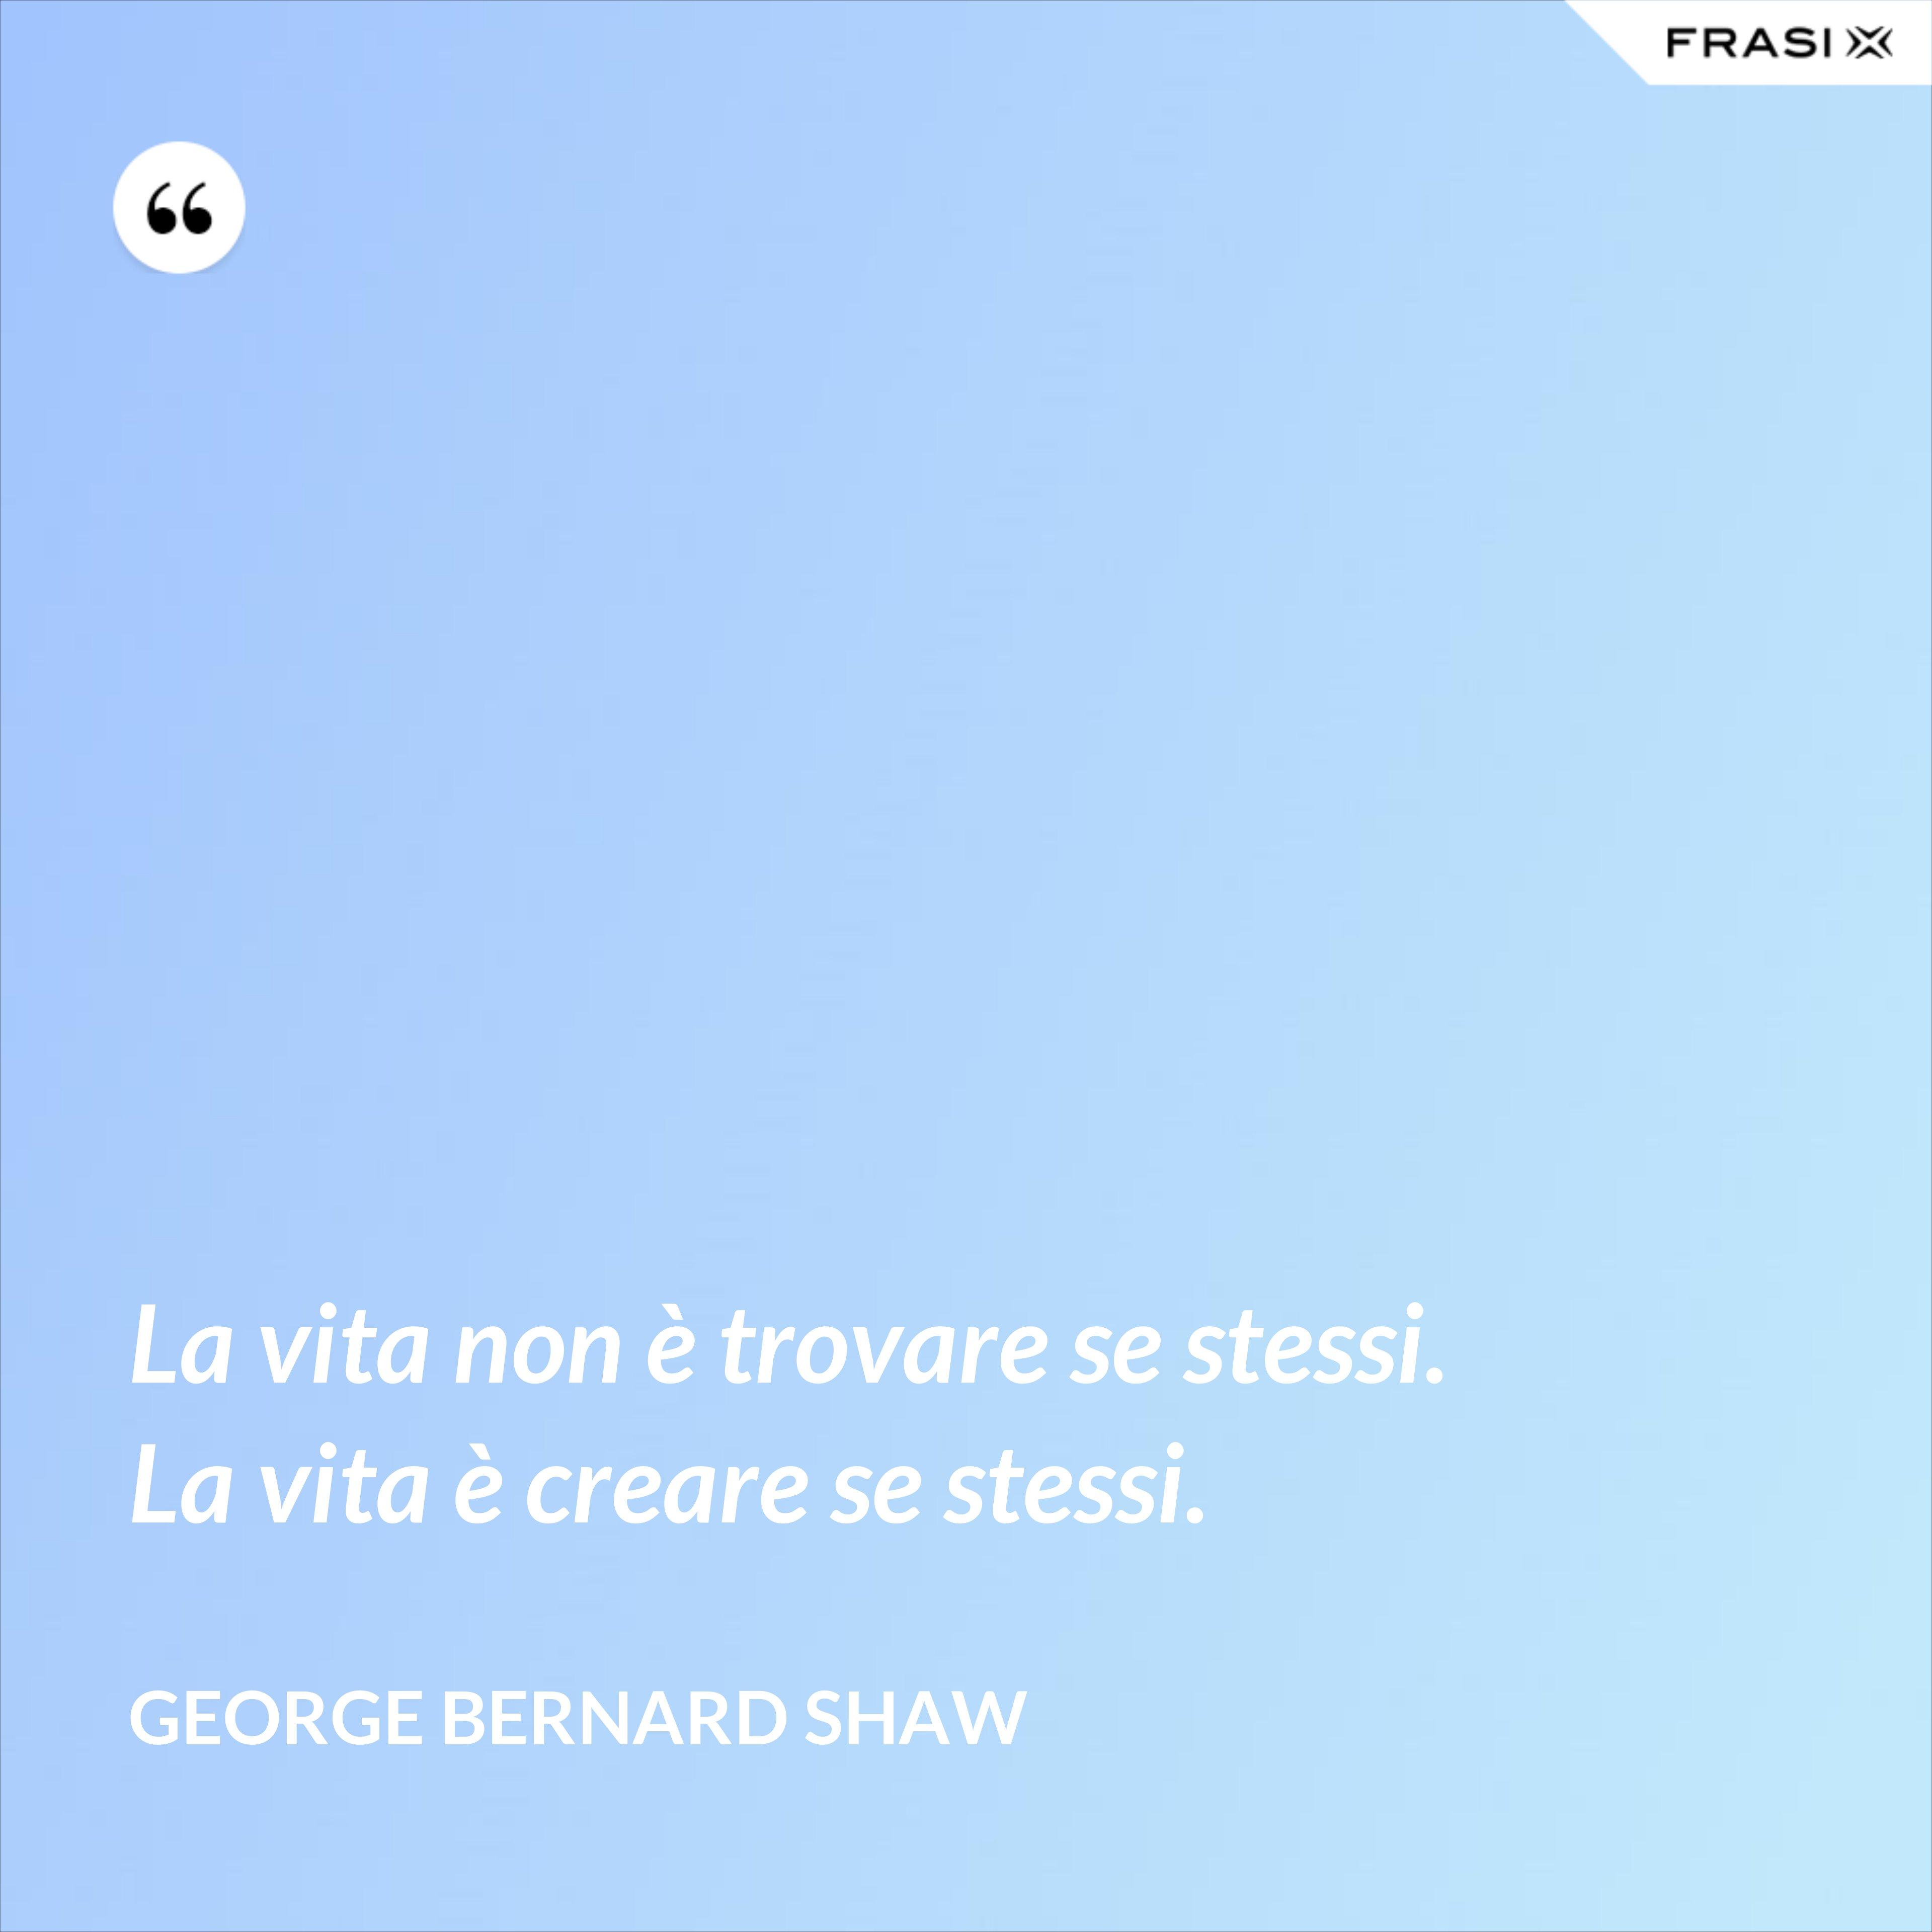 La vita non è trovare se stessi. La vita è creare se stessi. - George Bernard Shaw